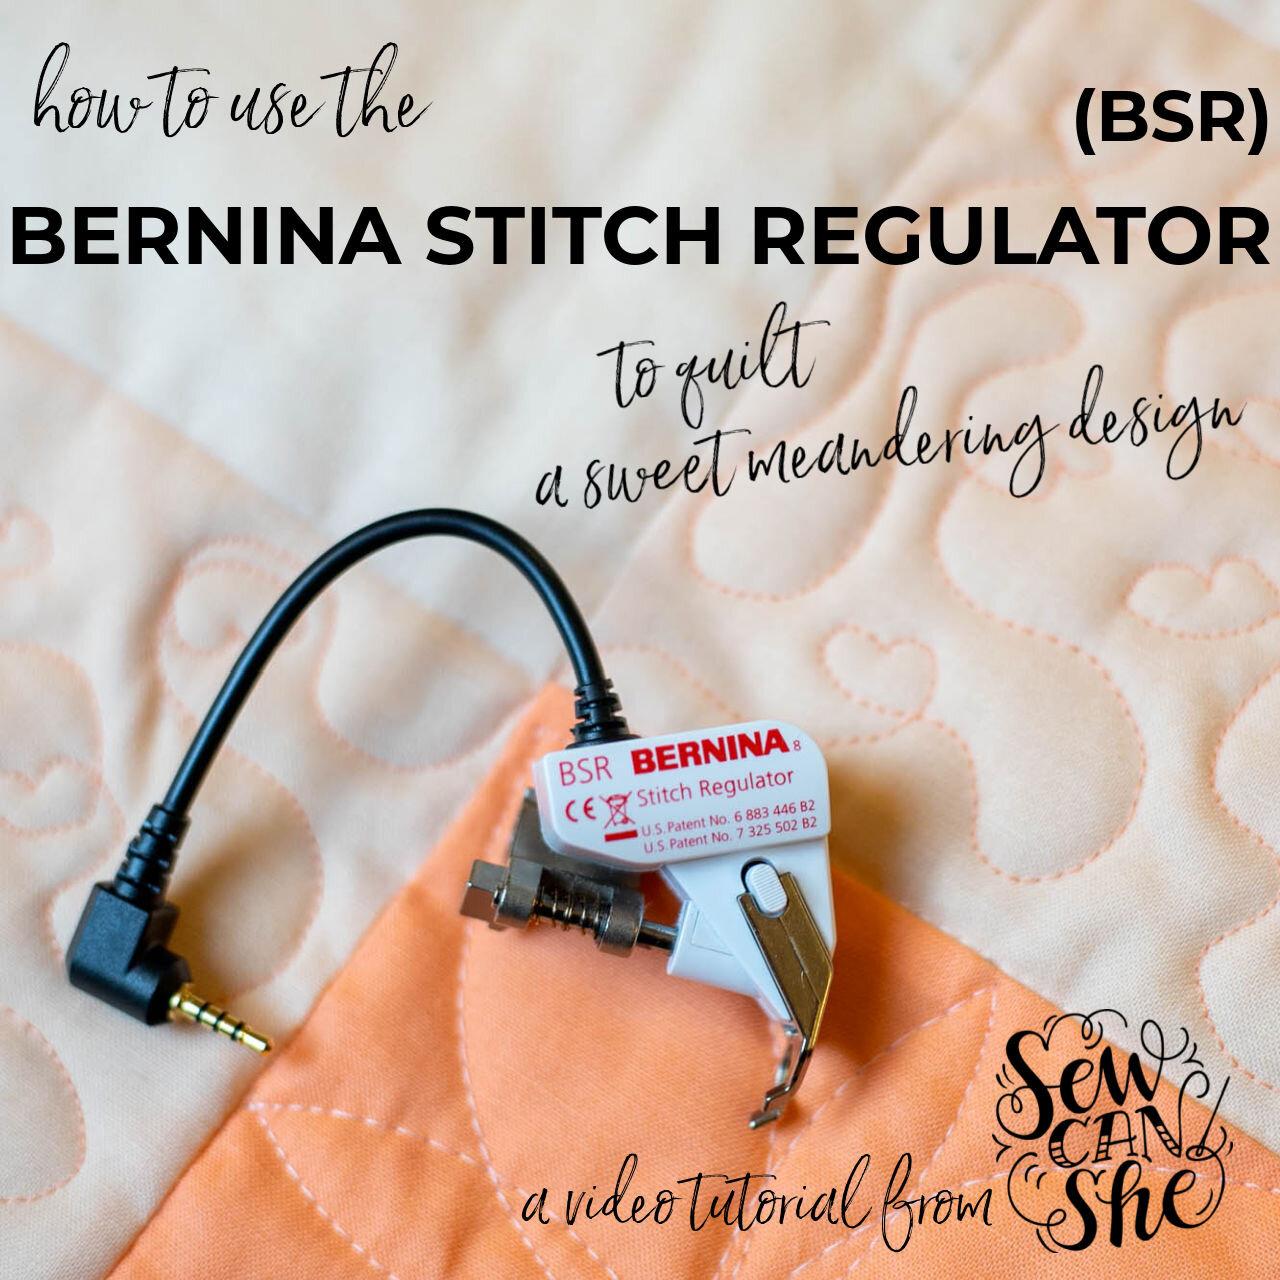 Stitch Regulator 1280 x 1280.jpg